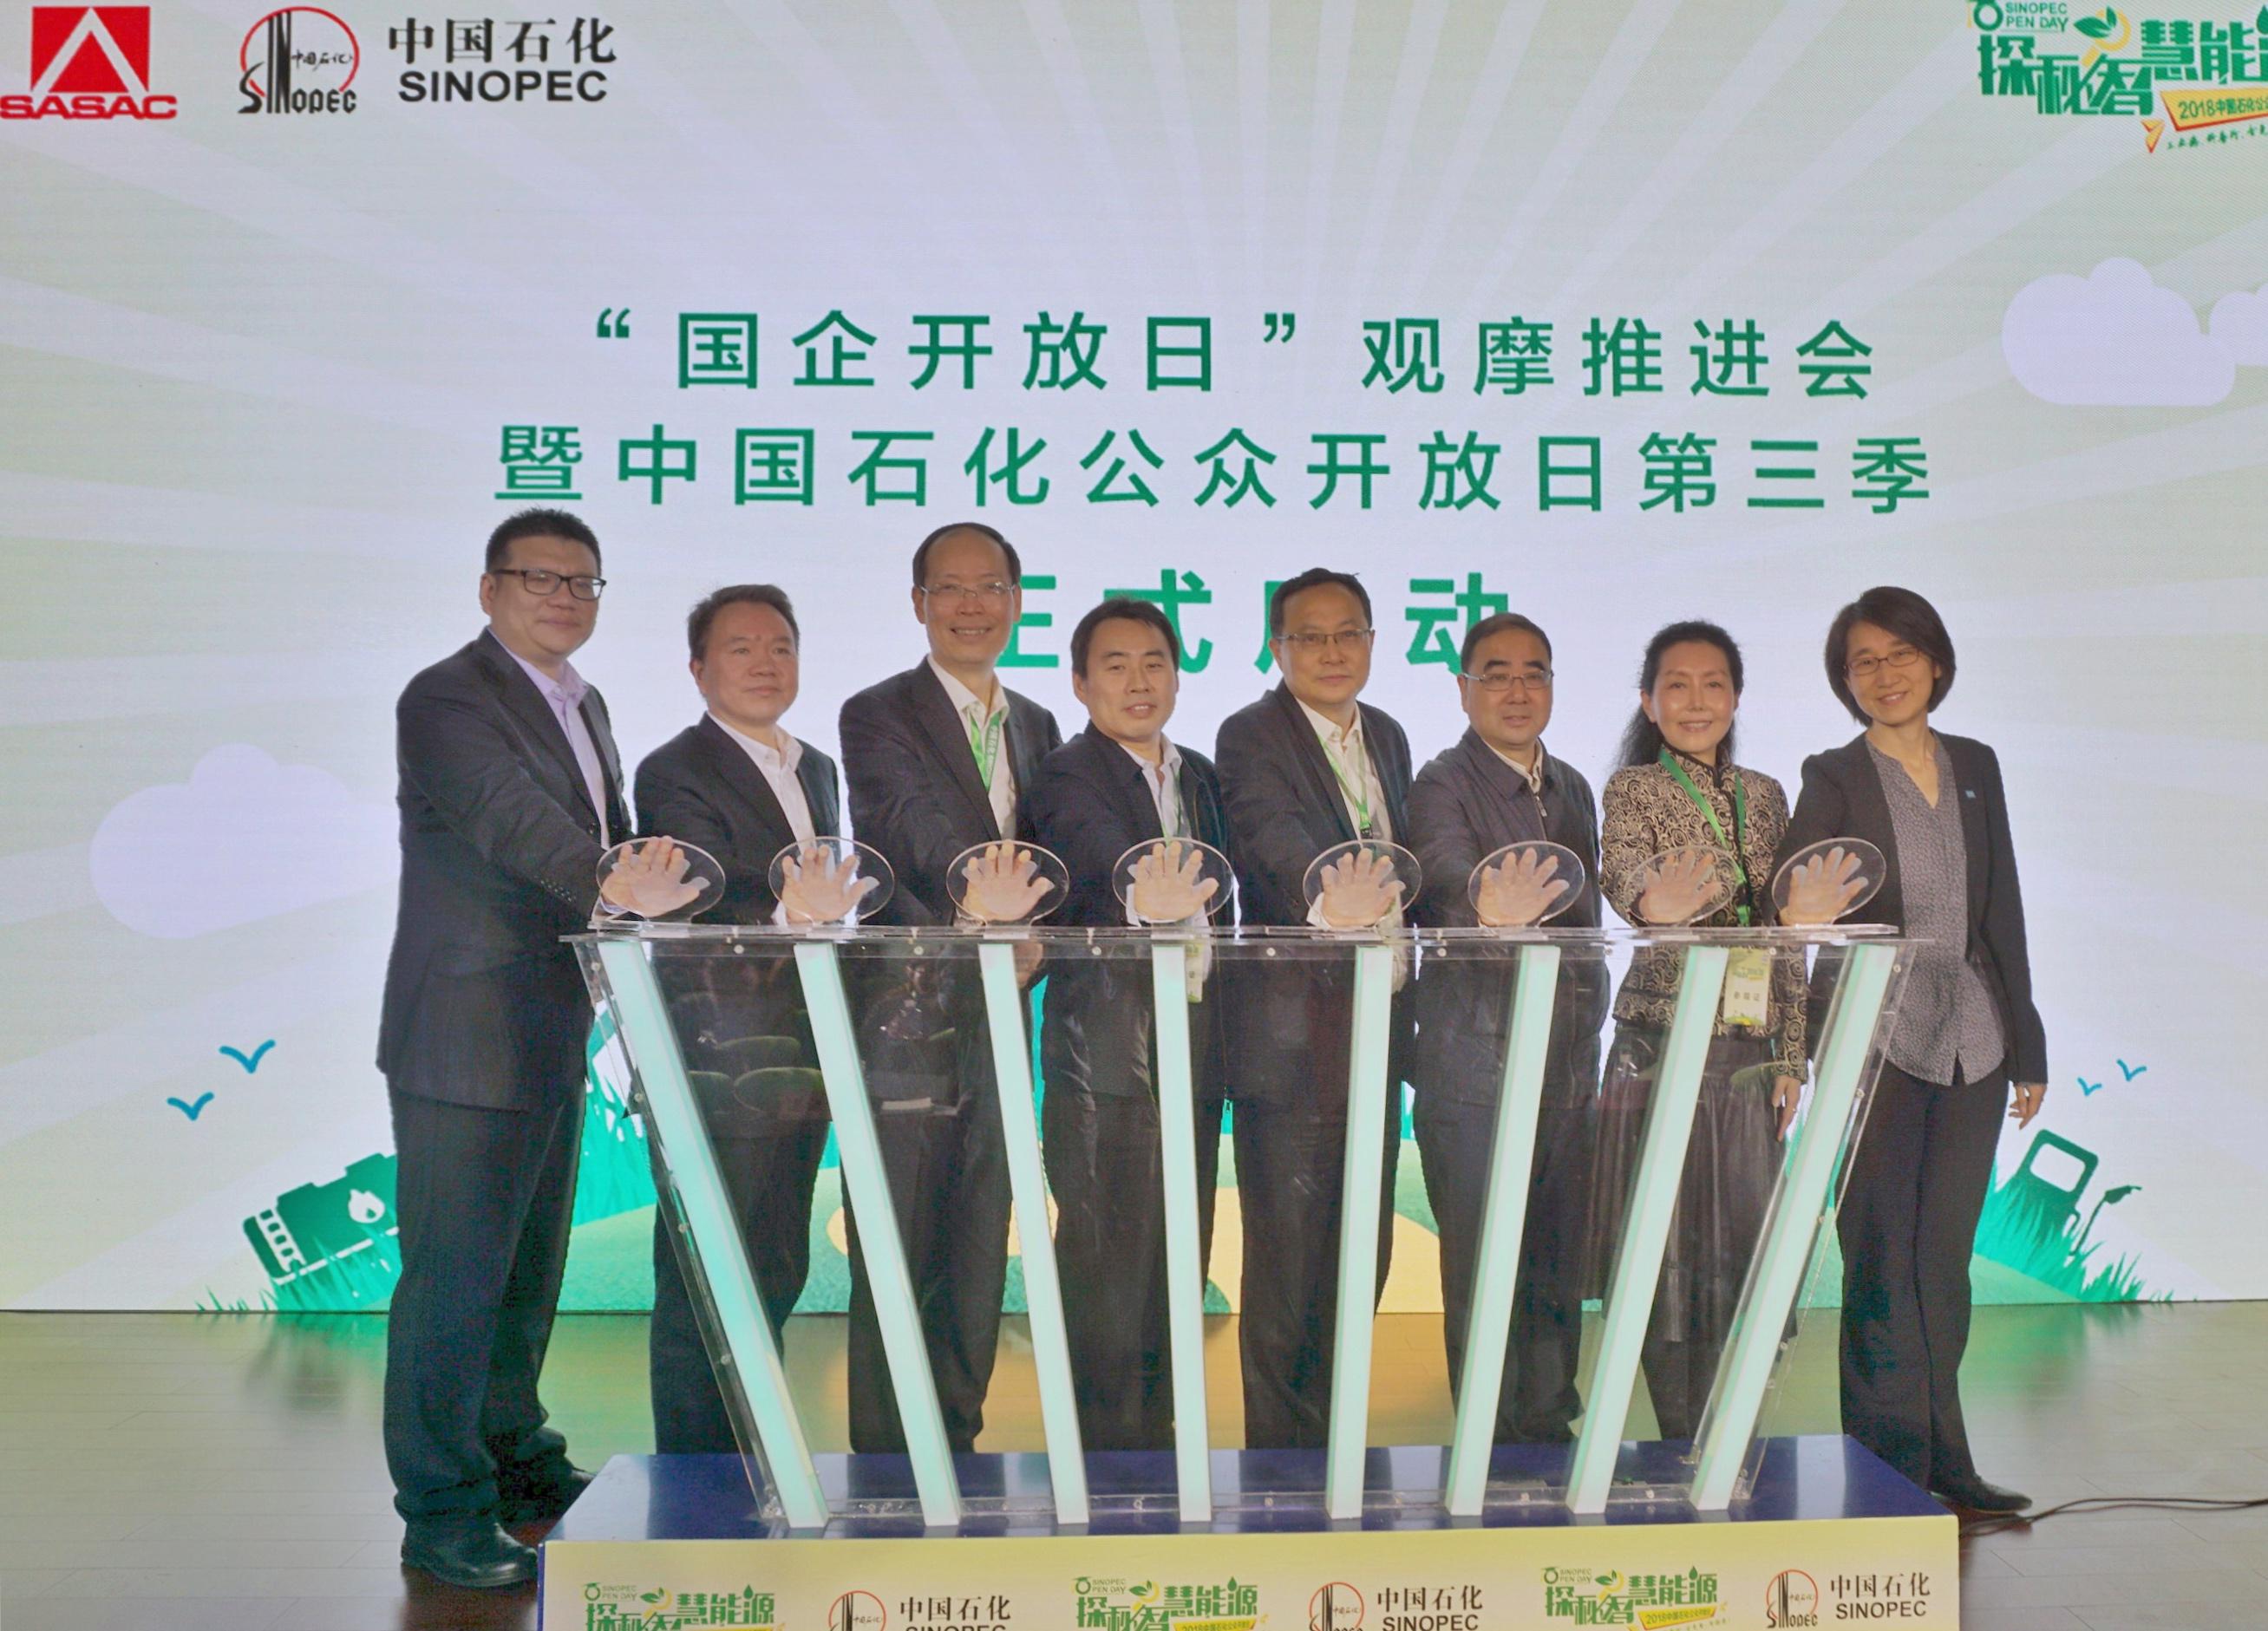 中国石化打造最大规模公众开放日 网上直播三小时观看量上千万